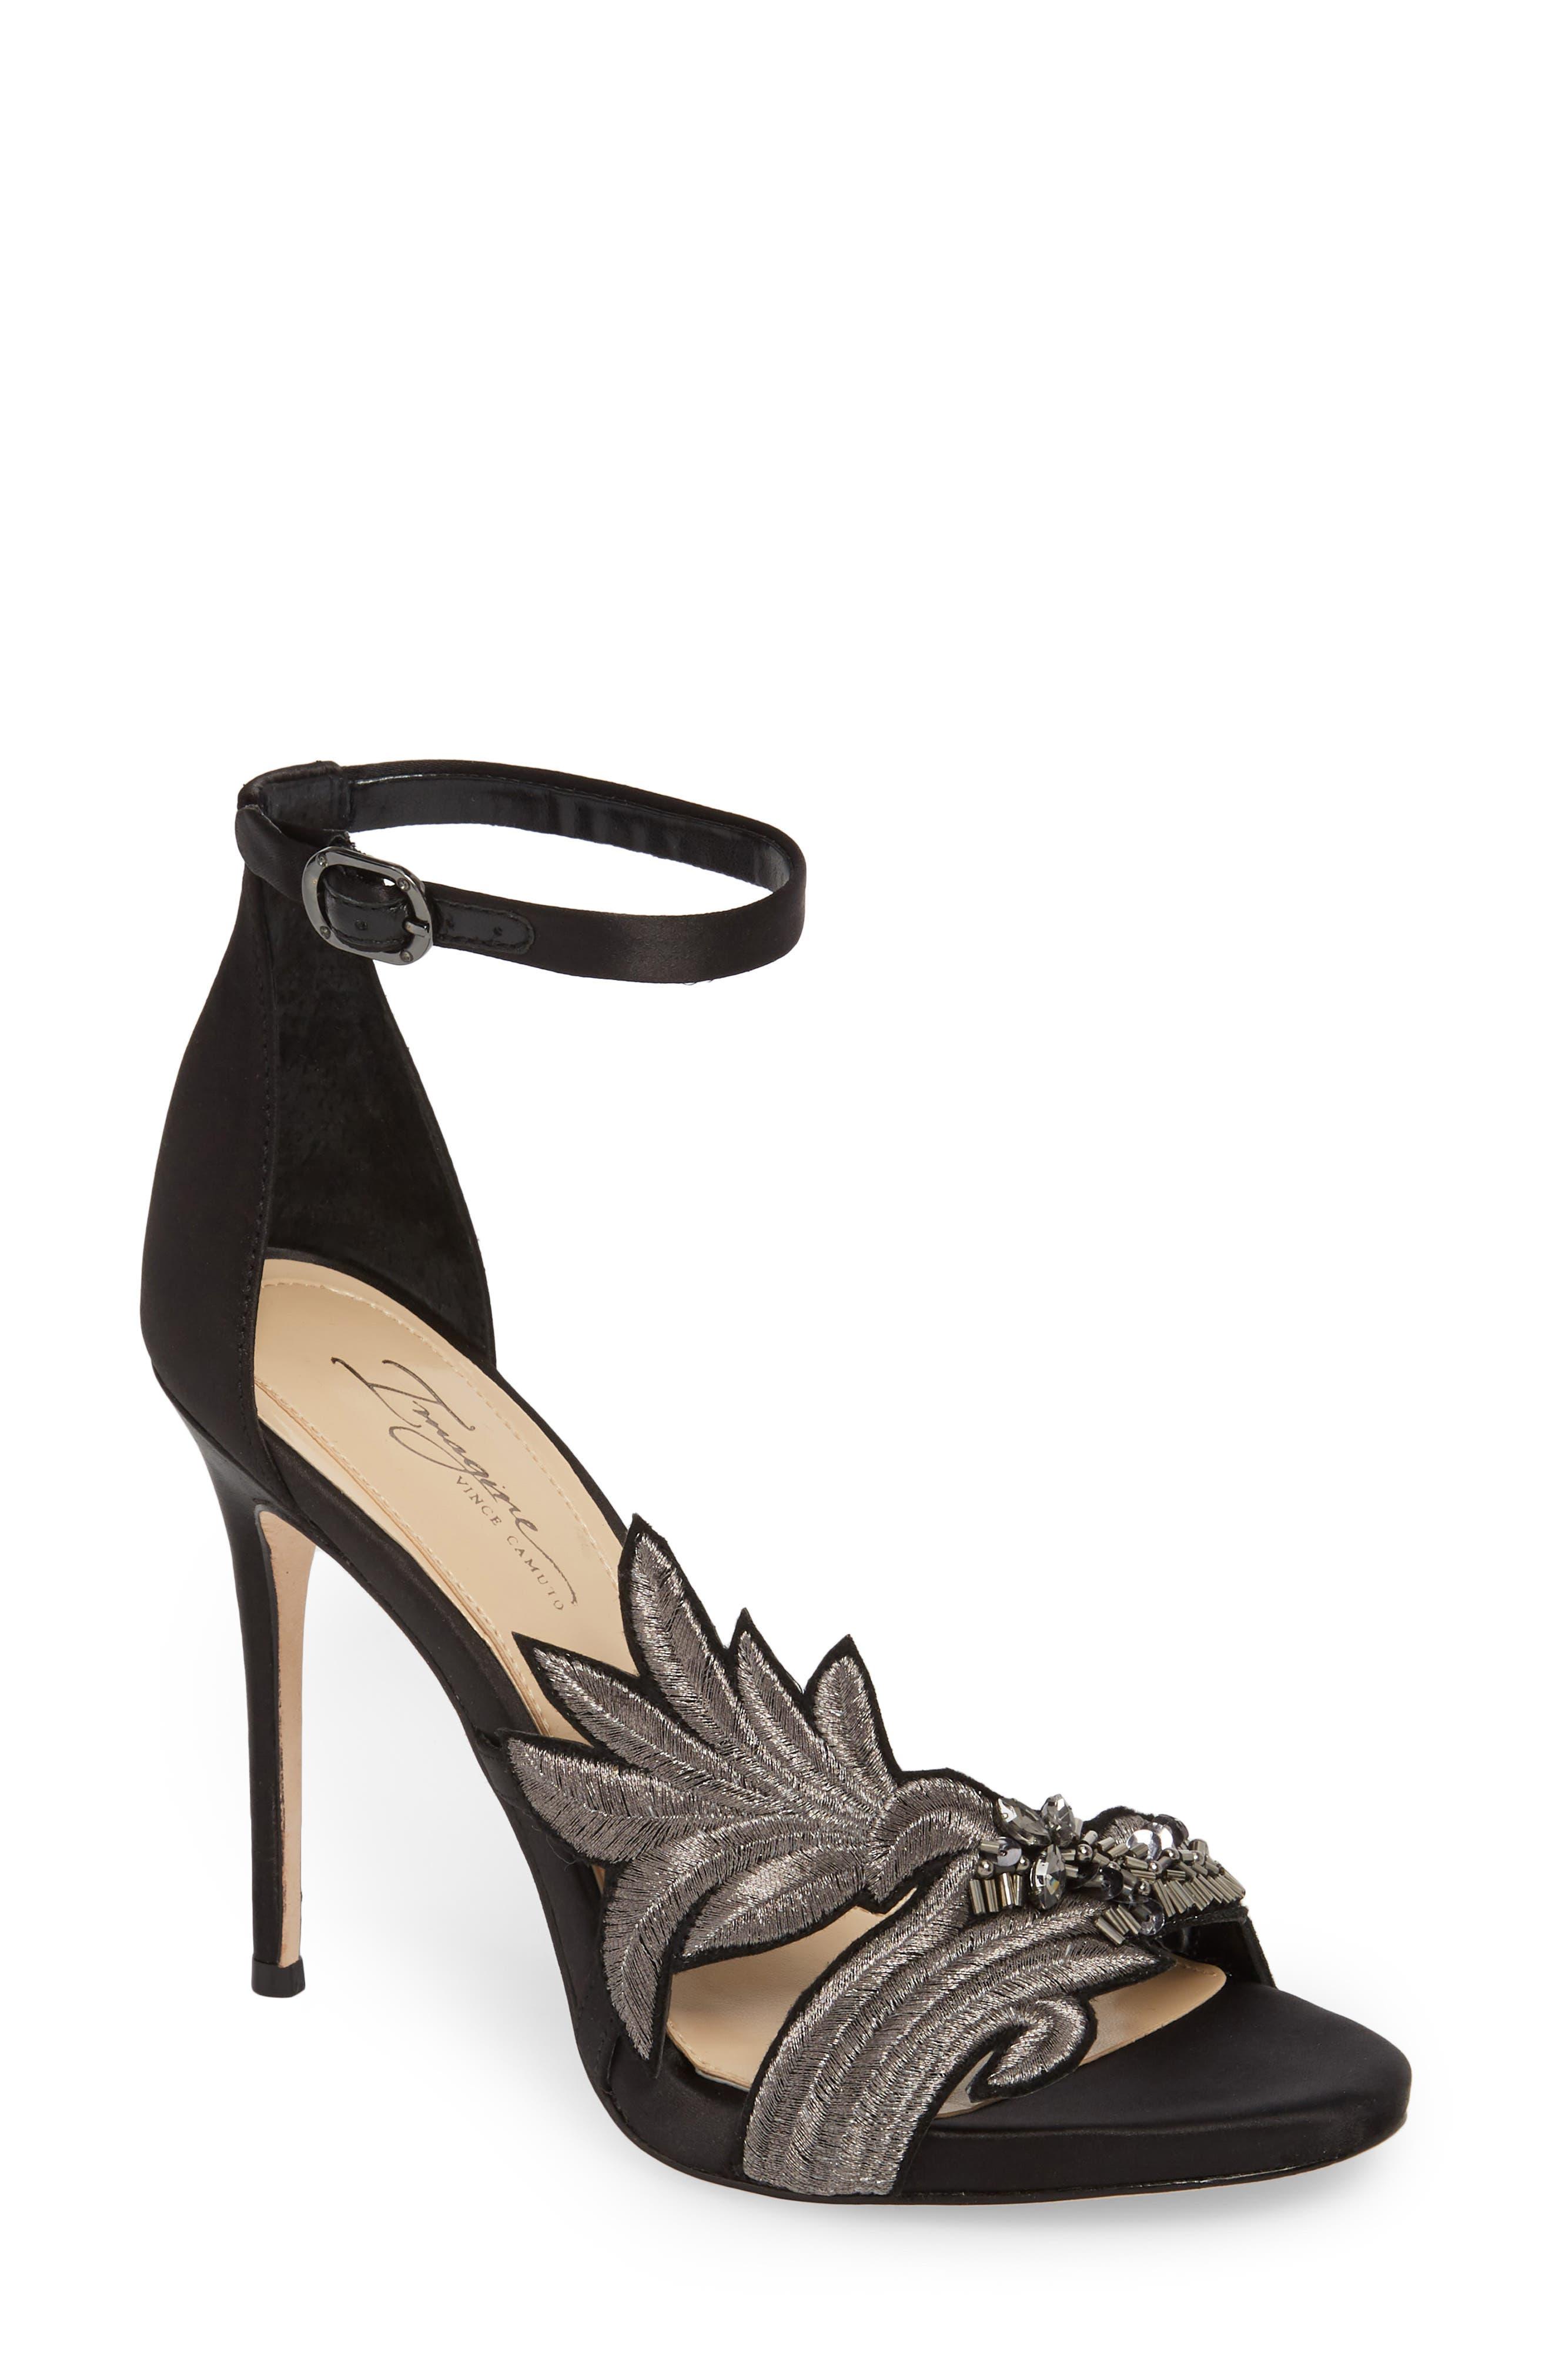 Imagine Vince Camuto Dayanara Embellished Sandal